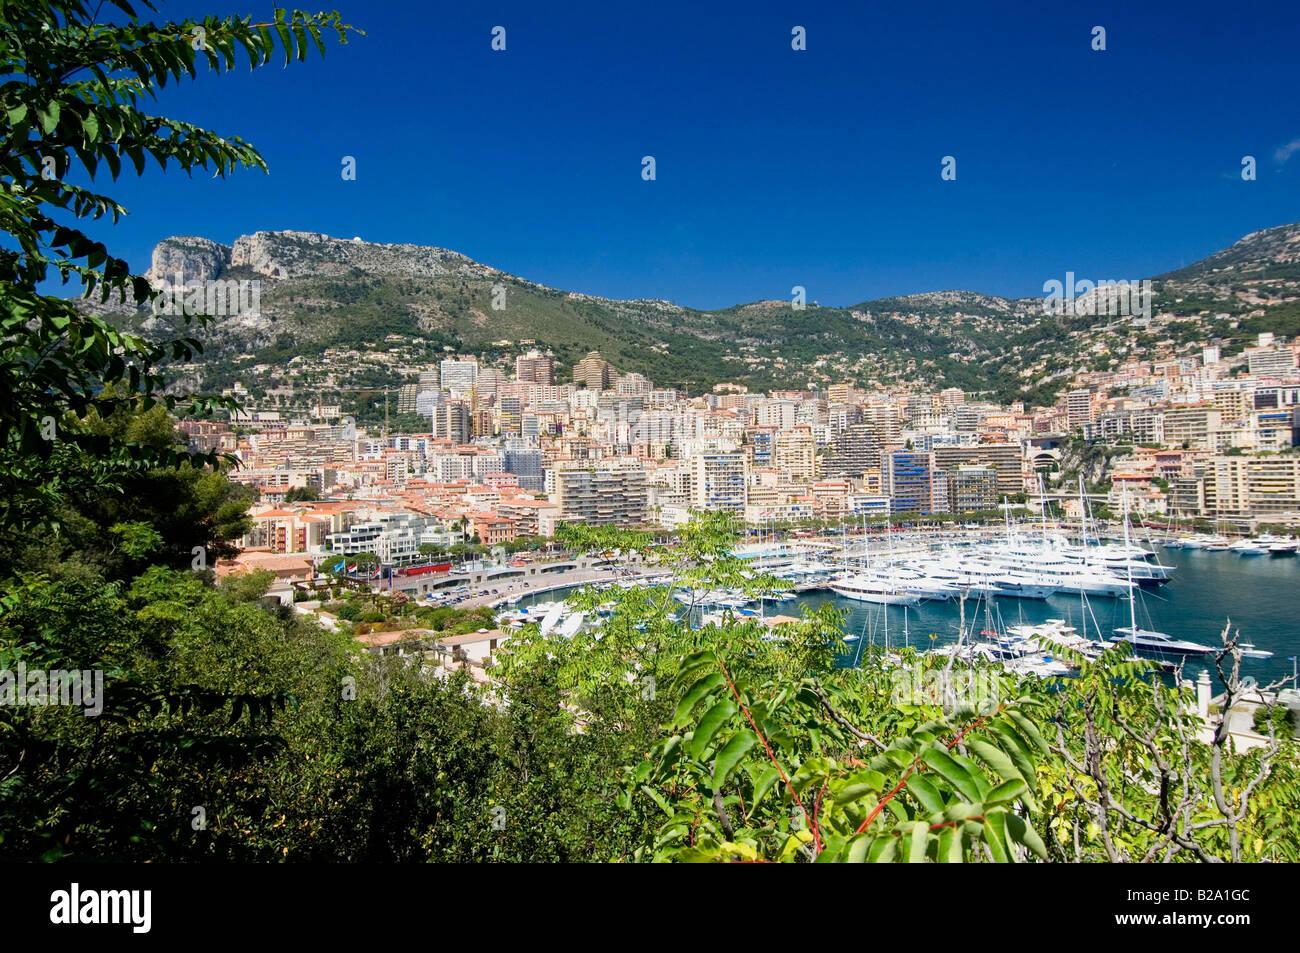 Monaco vista sopra la porta la data 12 02 2008 Ref WP B726 110139 0043 credito obbligatoria World Pictures Photoshot Immagini Stock